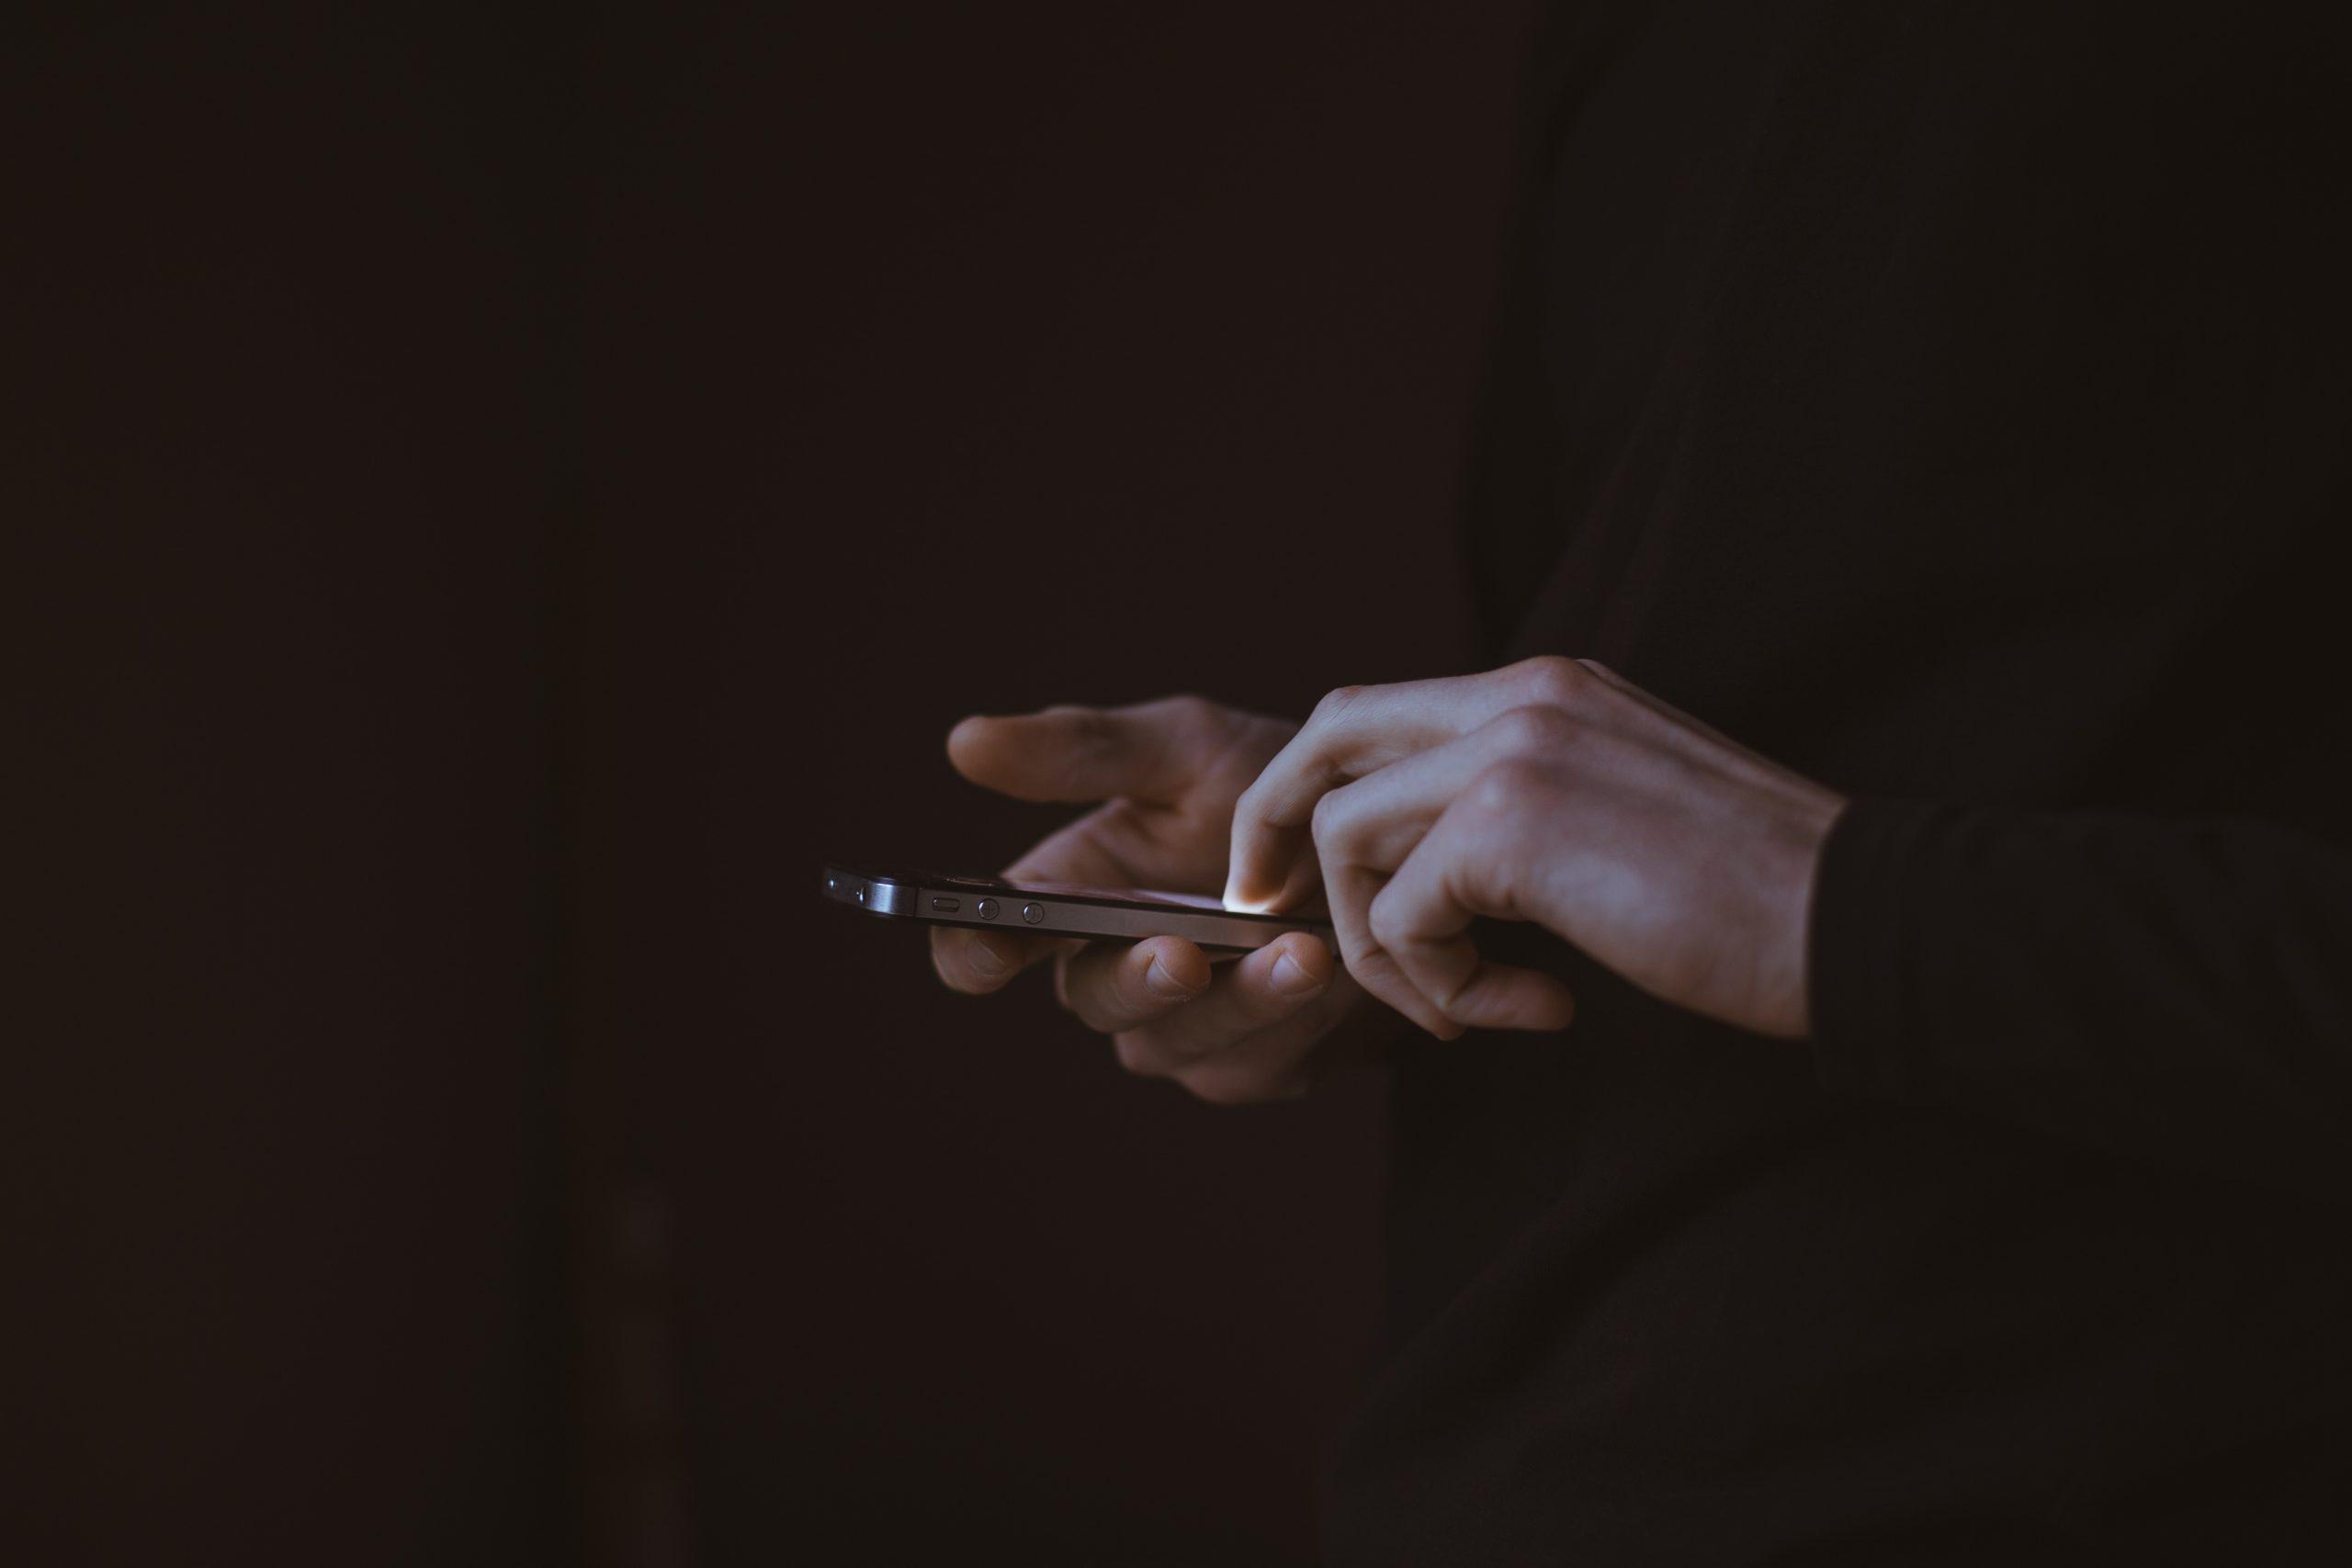 Biometria głosowa a telefoniczni oszuści